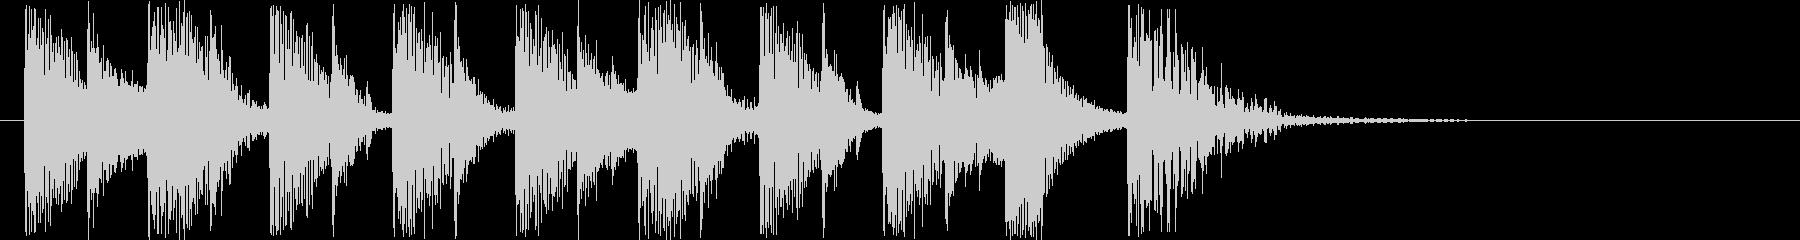 シンセサイザーによるマーチの未再生の波形